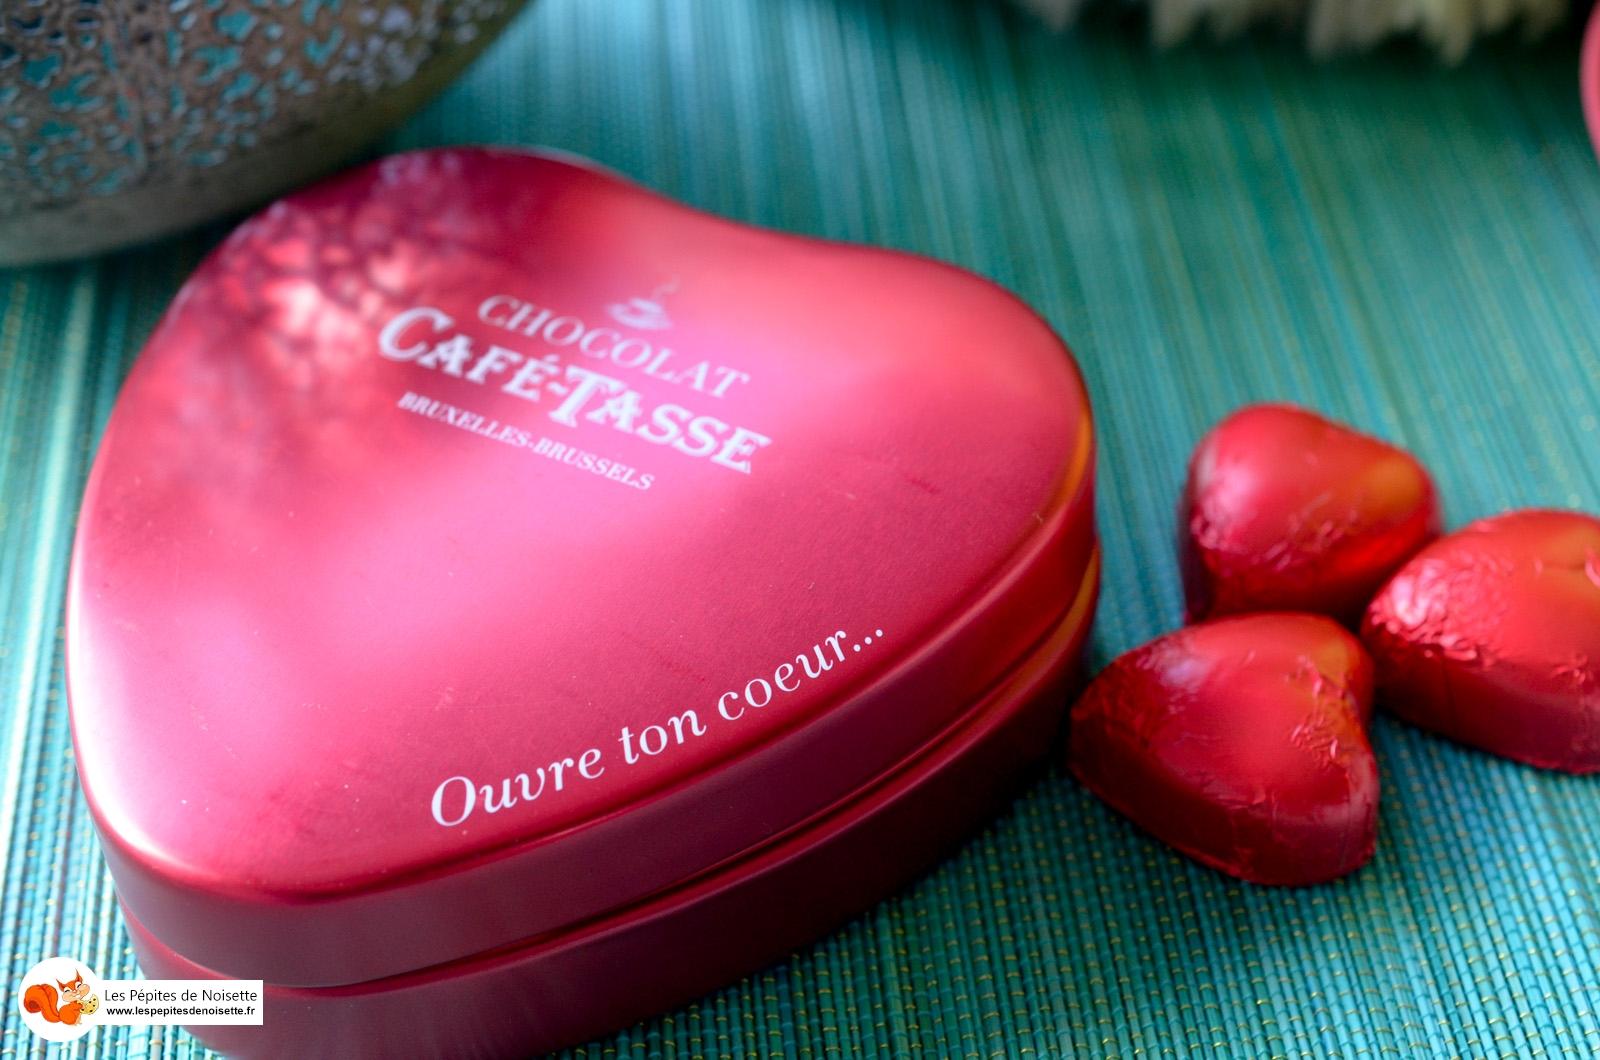 Chocolat Café Tasse Concours (1 Sur 2)